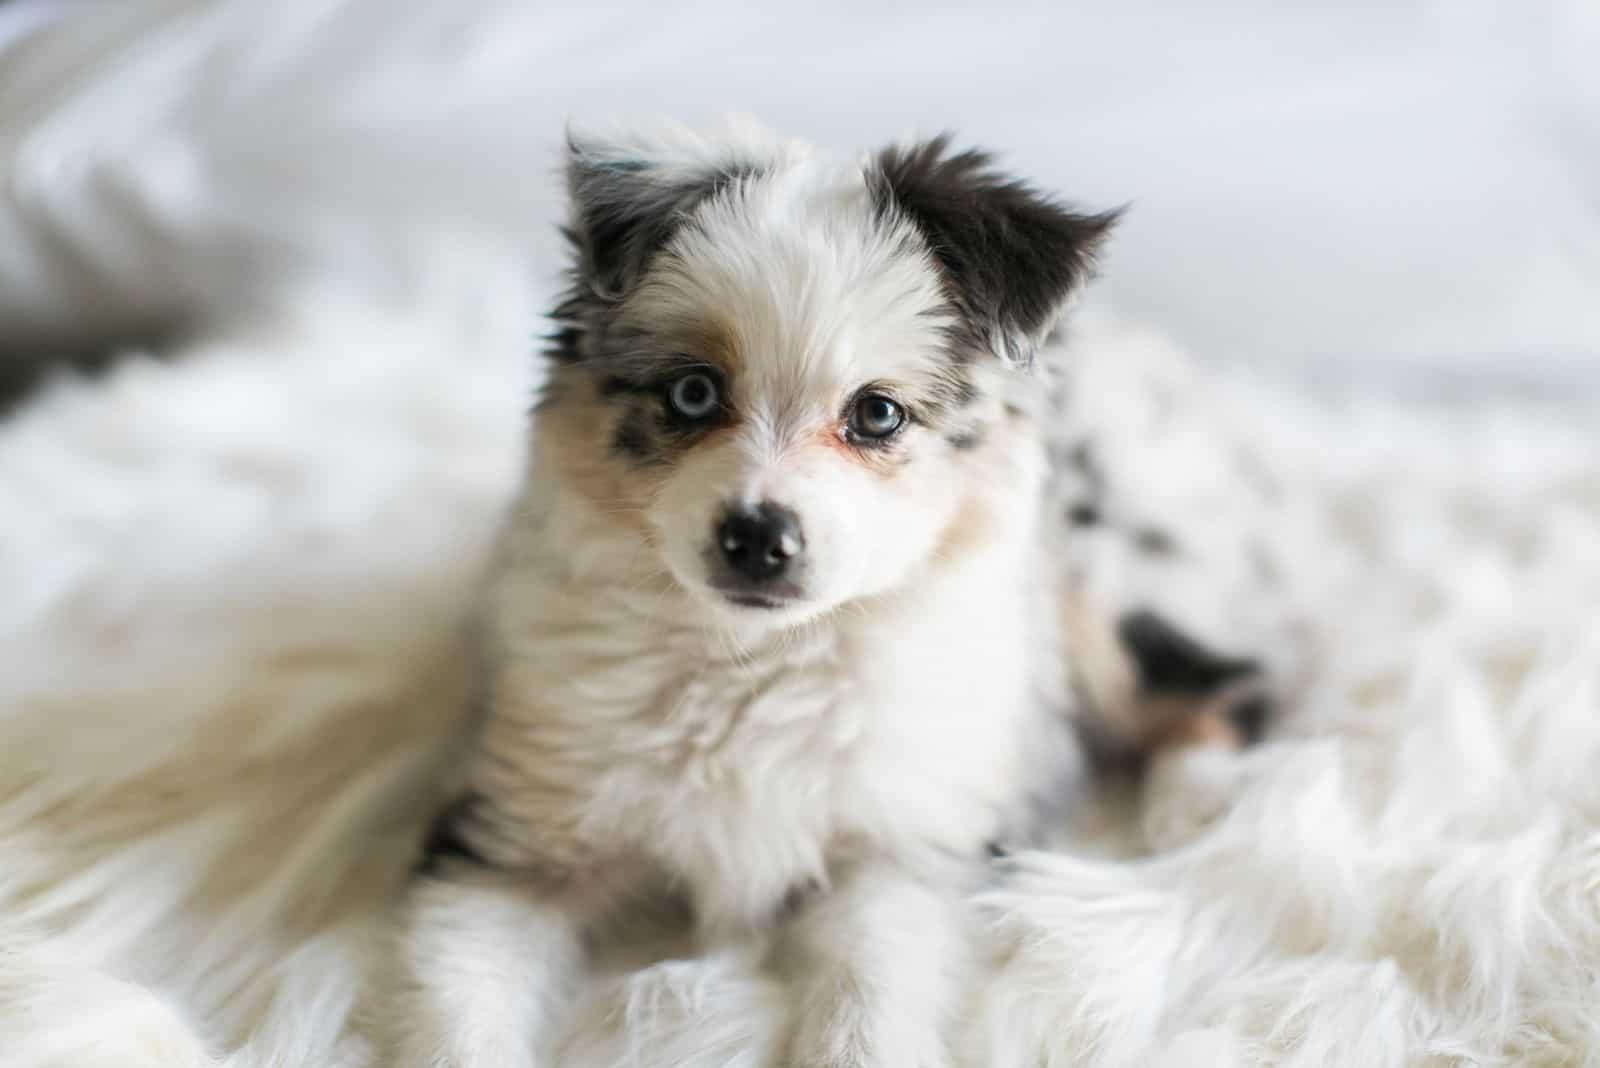 Australian Shepard puppy lying in bed